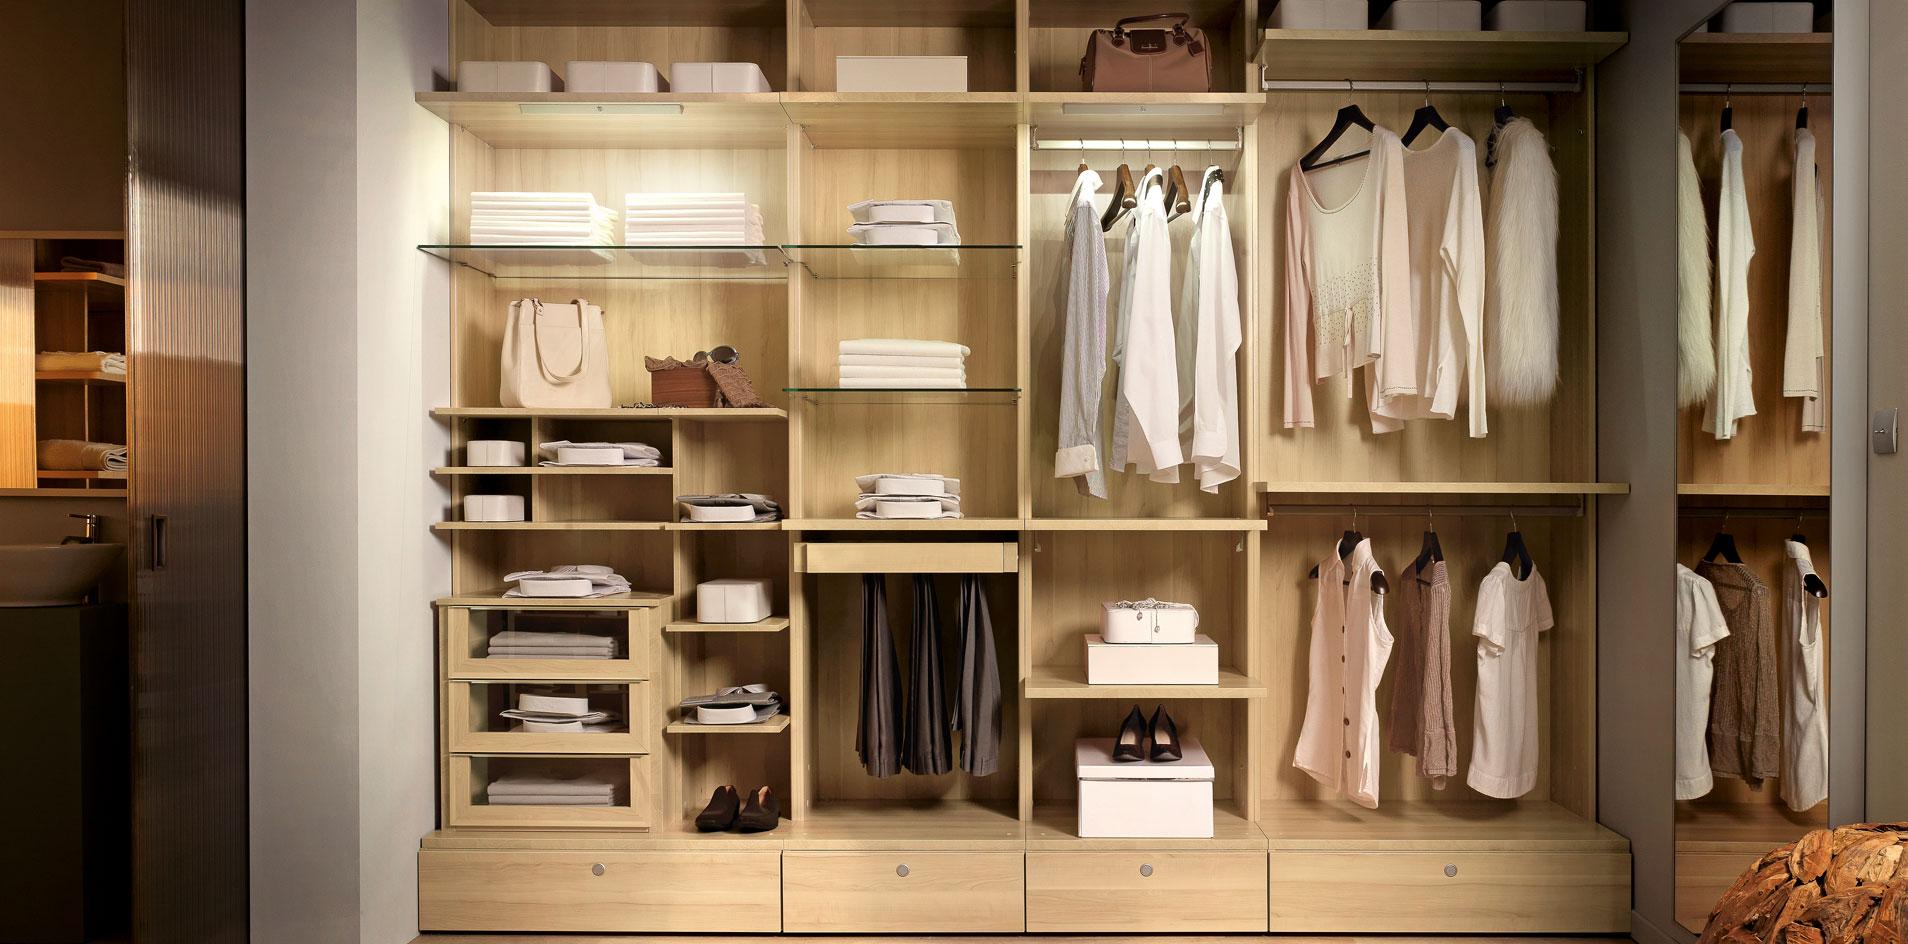 Aménagements Intérieur Du Dressing Plan : Le dressing d angle donne du cachet à ma pièce